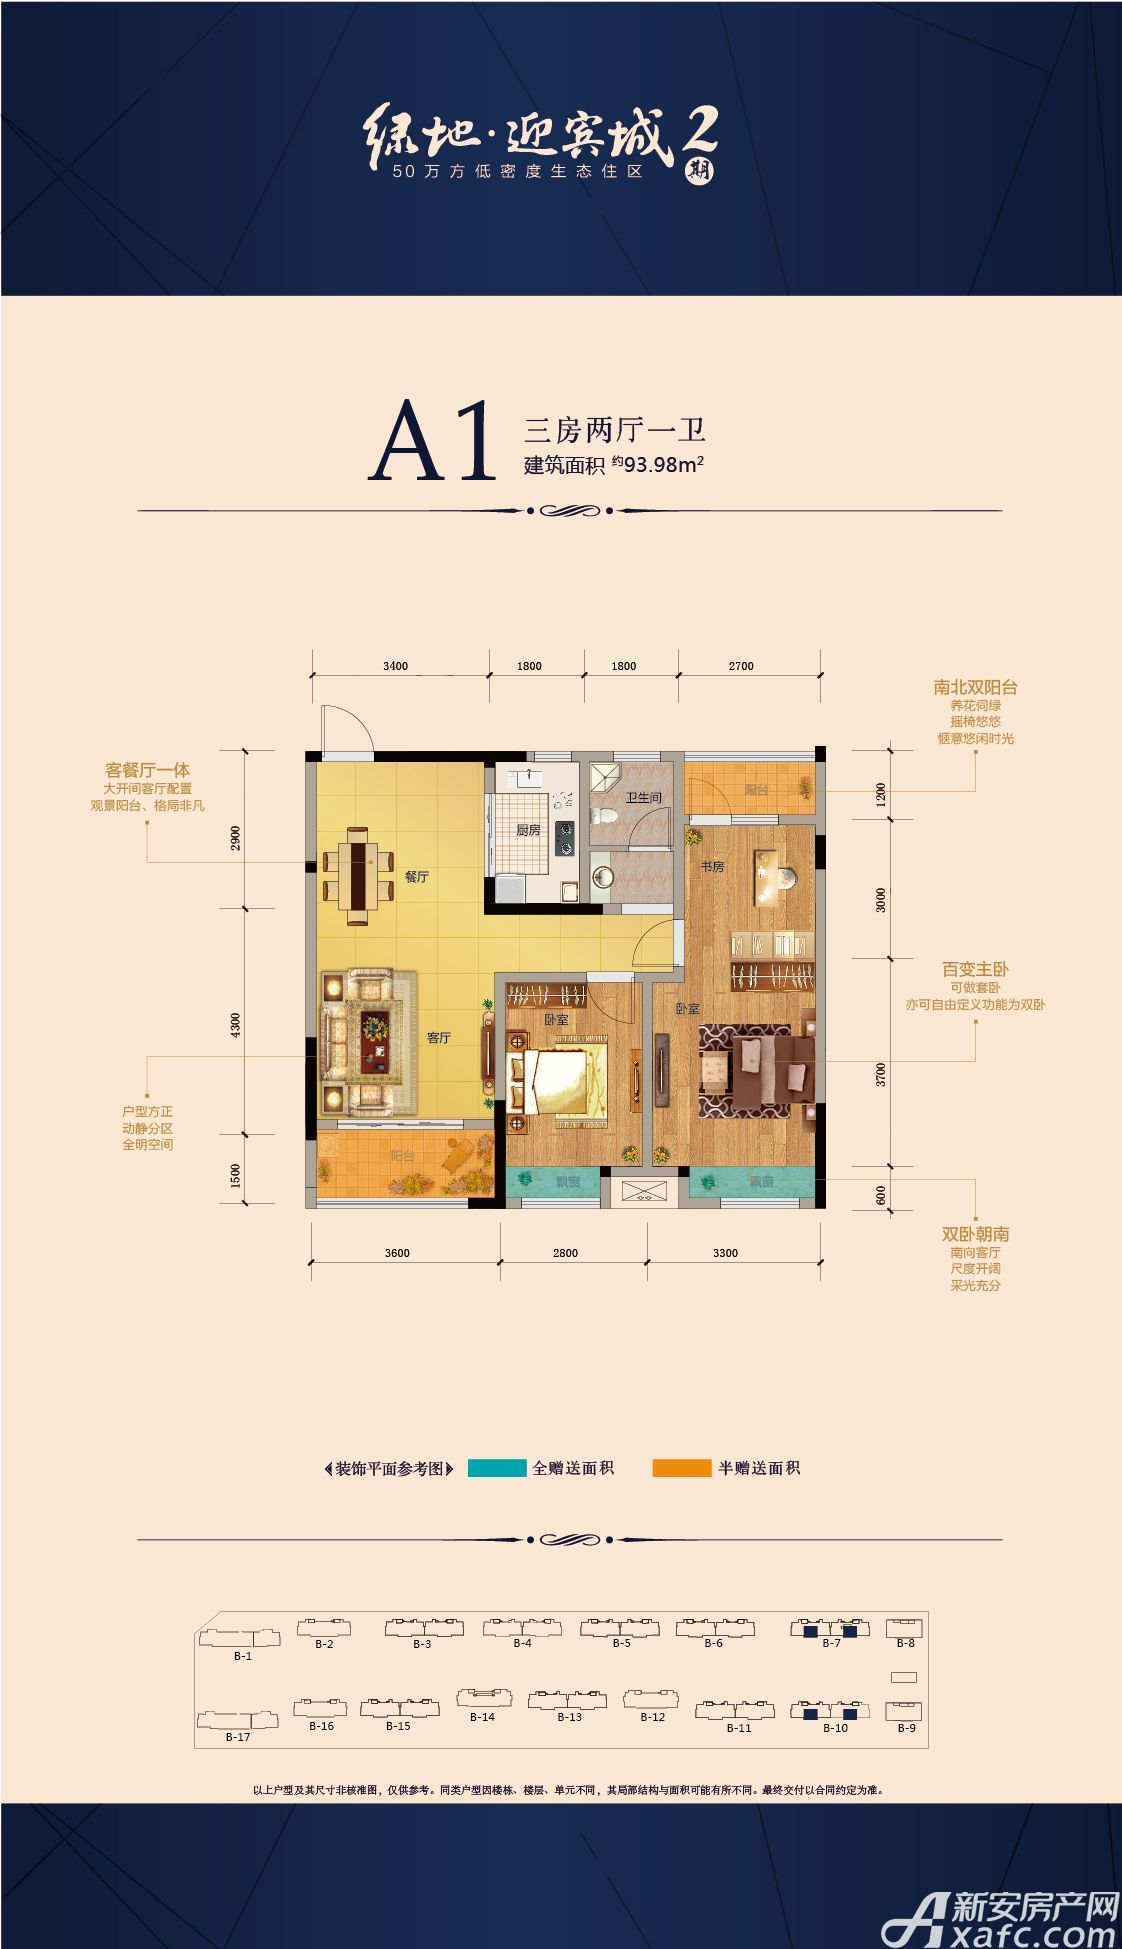 绿地迎宾城A1三房两厅一卫3室2厅93.98平米